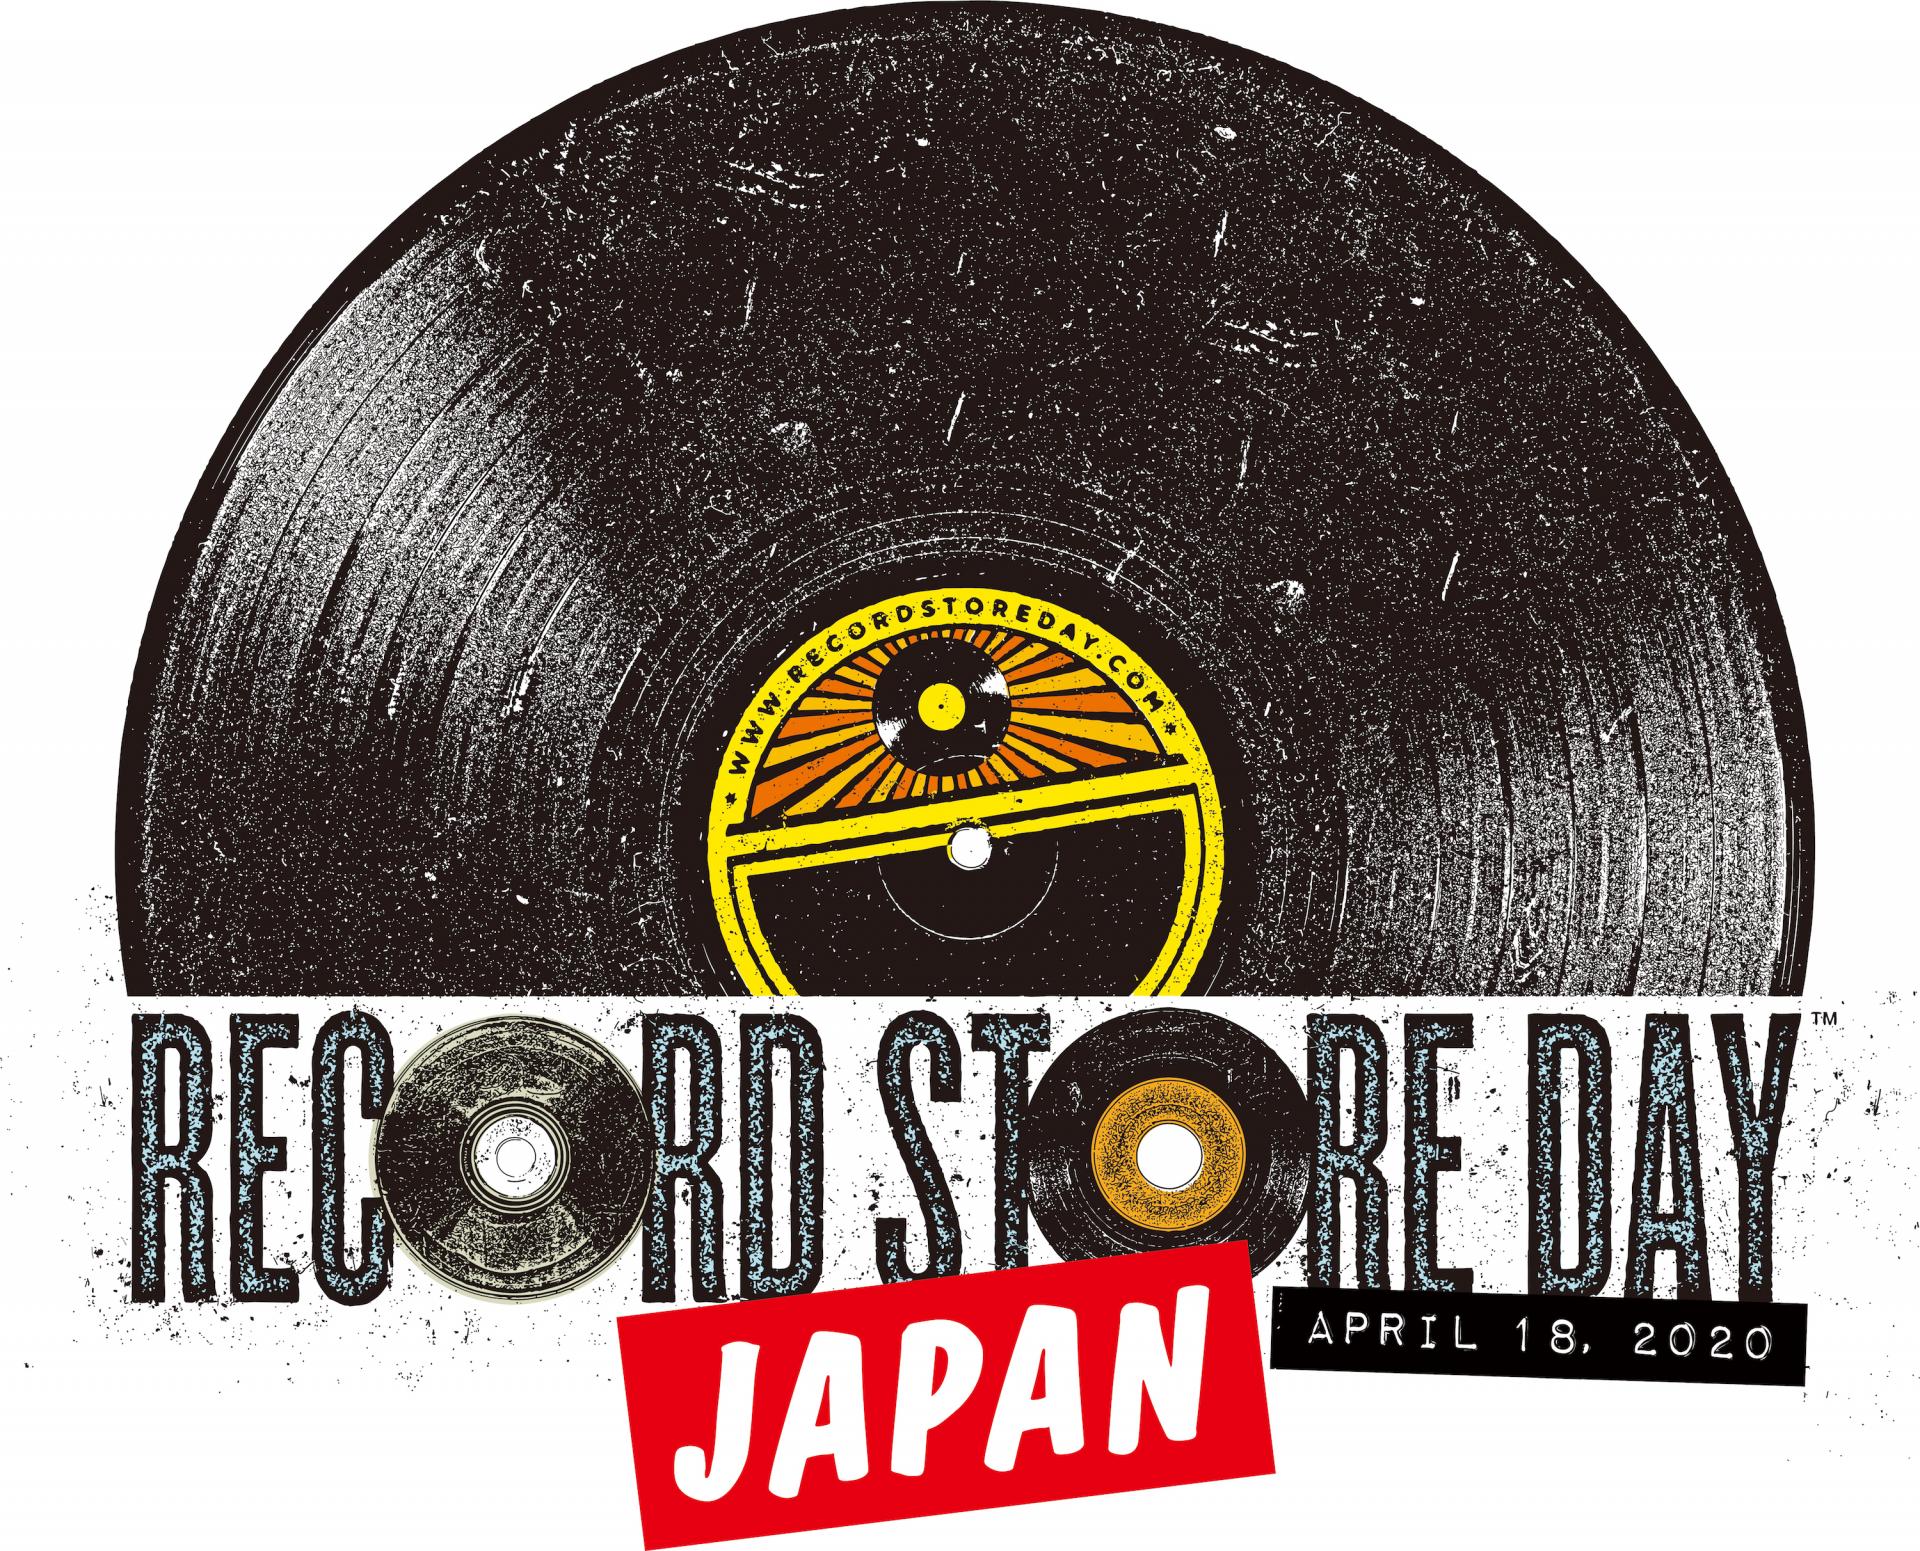 """世界 23か国同時開催、今年で 13年目!──""""RECORD STORE DAY"""" は4月18日。日本でもアナログ復権祭り!"""